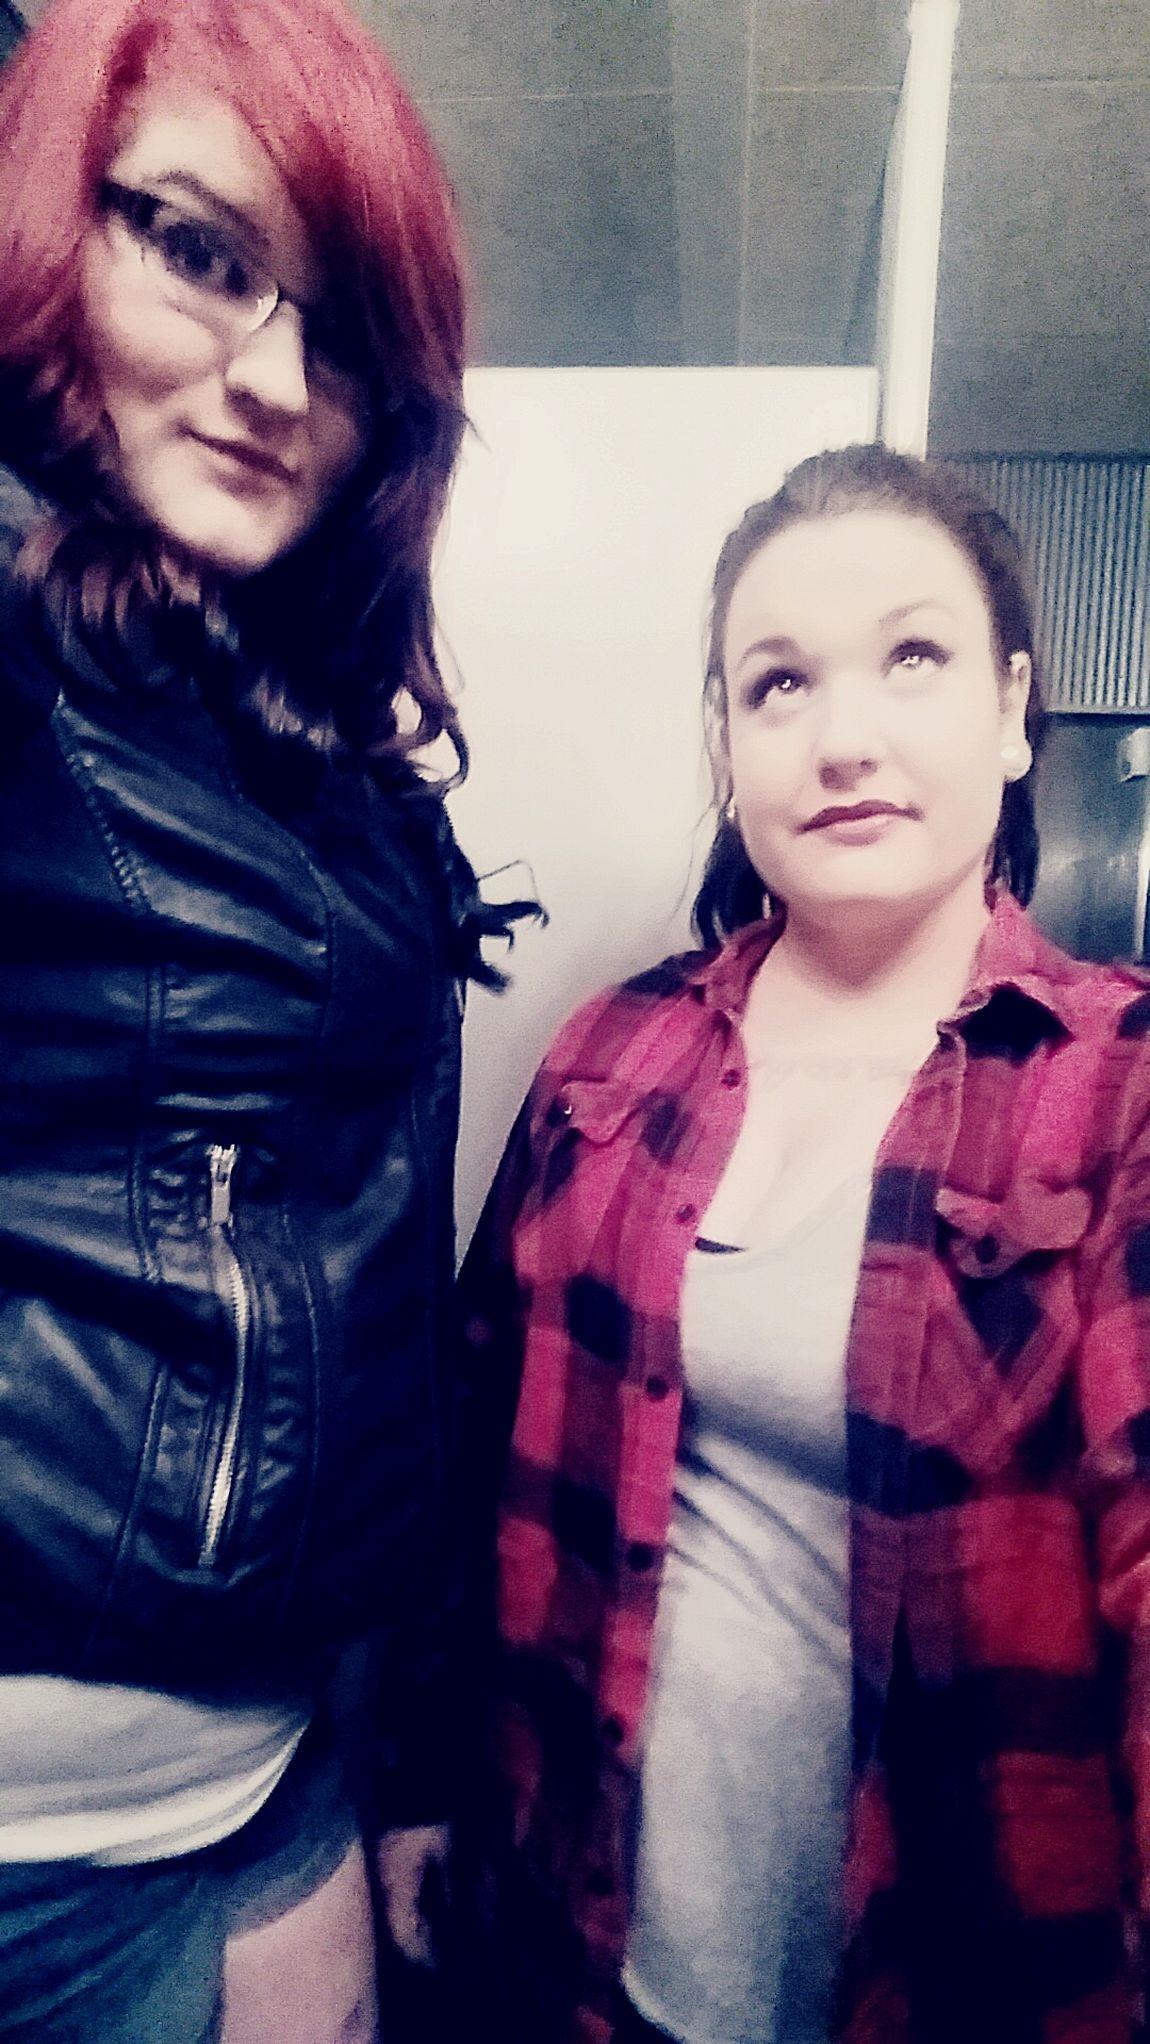 Our friendship on point! Bestfriend Showmeyourtude Tattooedgirls Sexyladies